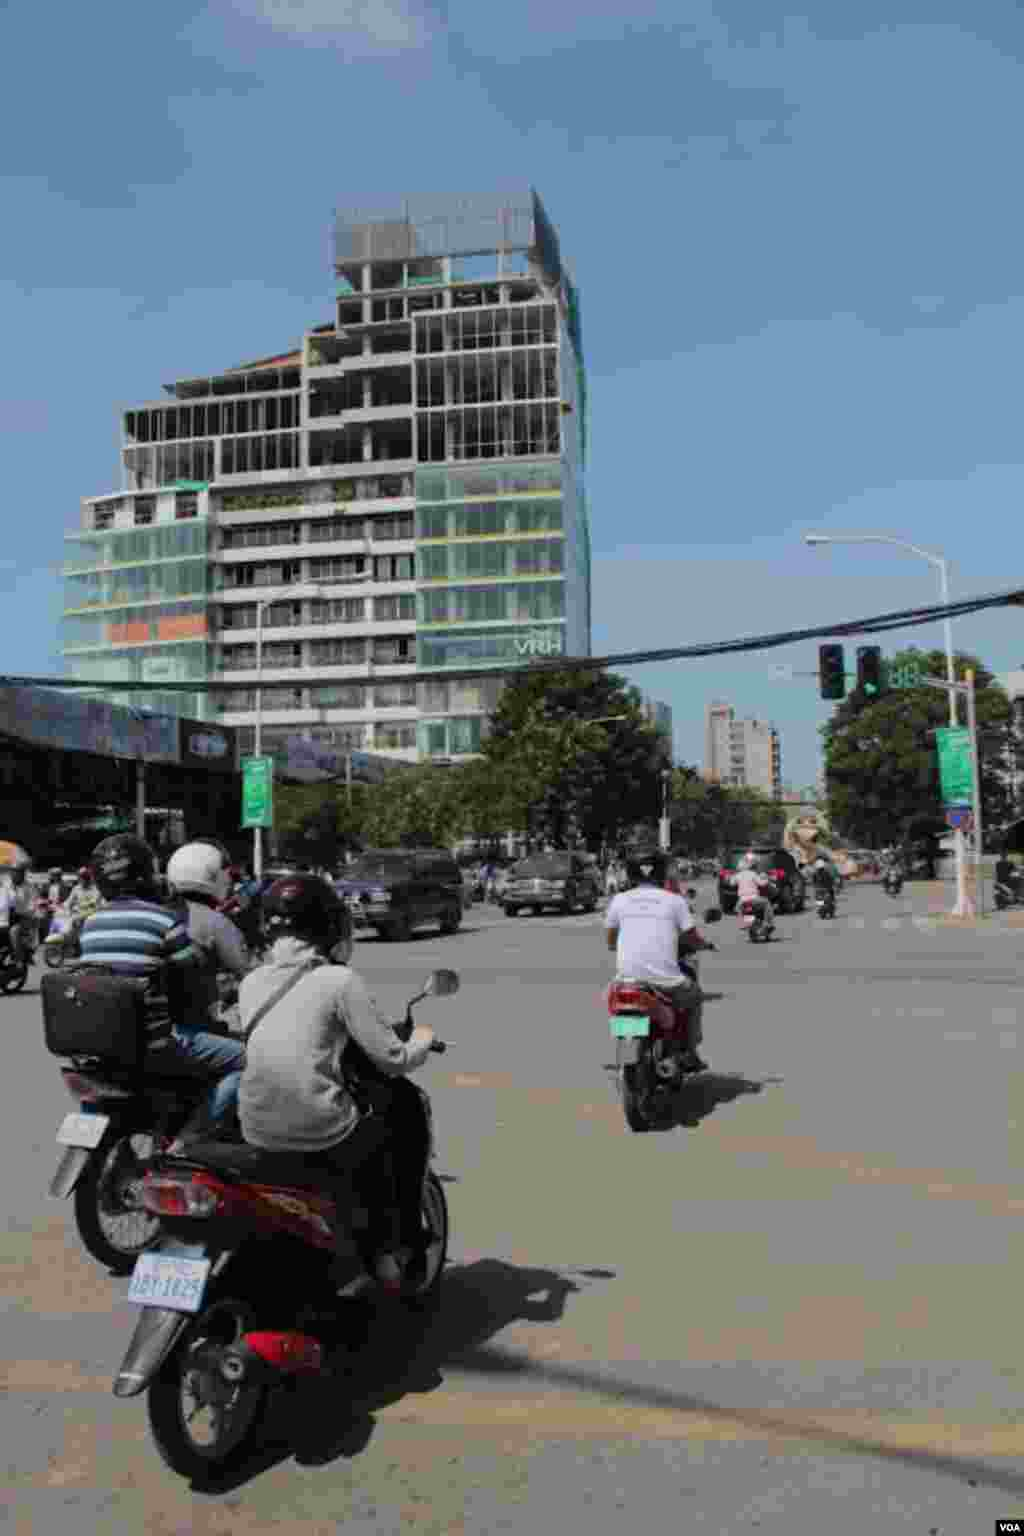 A tall building being built on Mao Tse Toung Boulevard in Phnom Penh, September 27, 2014. (Nov Povleakhena/VOA Khmer)